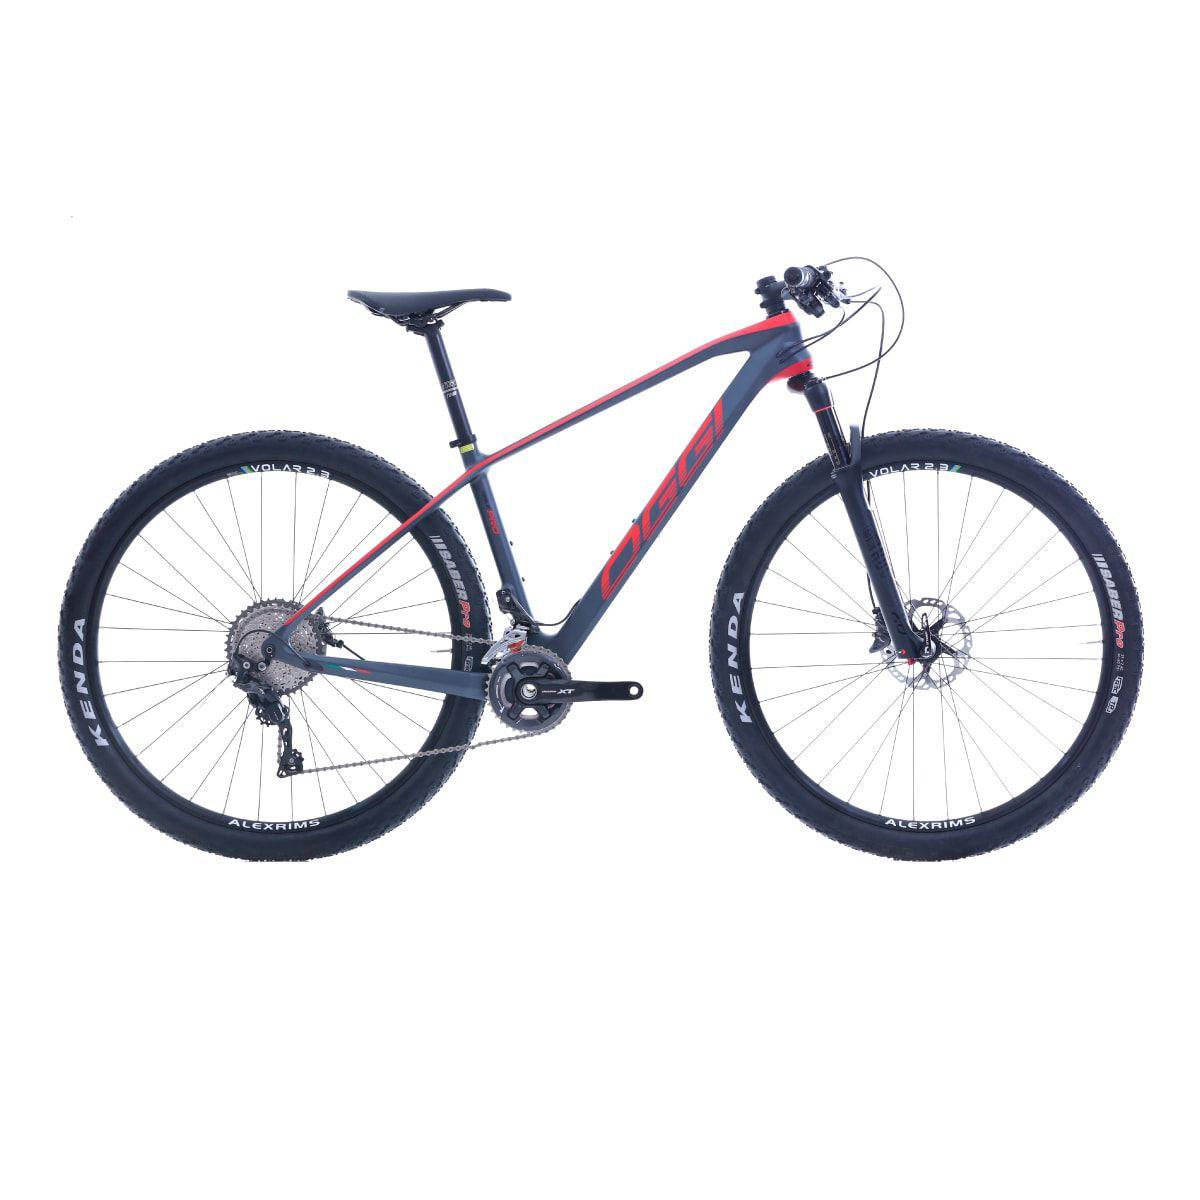 Bike Oggi Agile Pro 2019 XT Carbon Shimano 22v